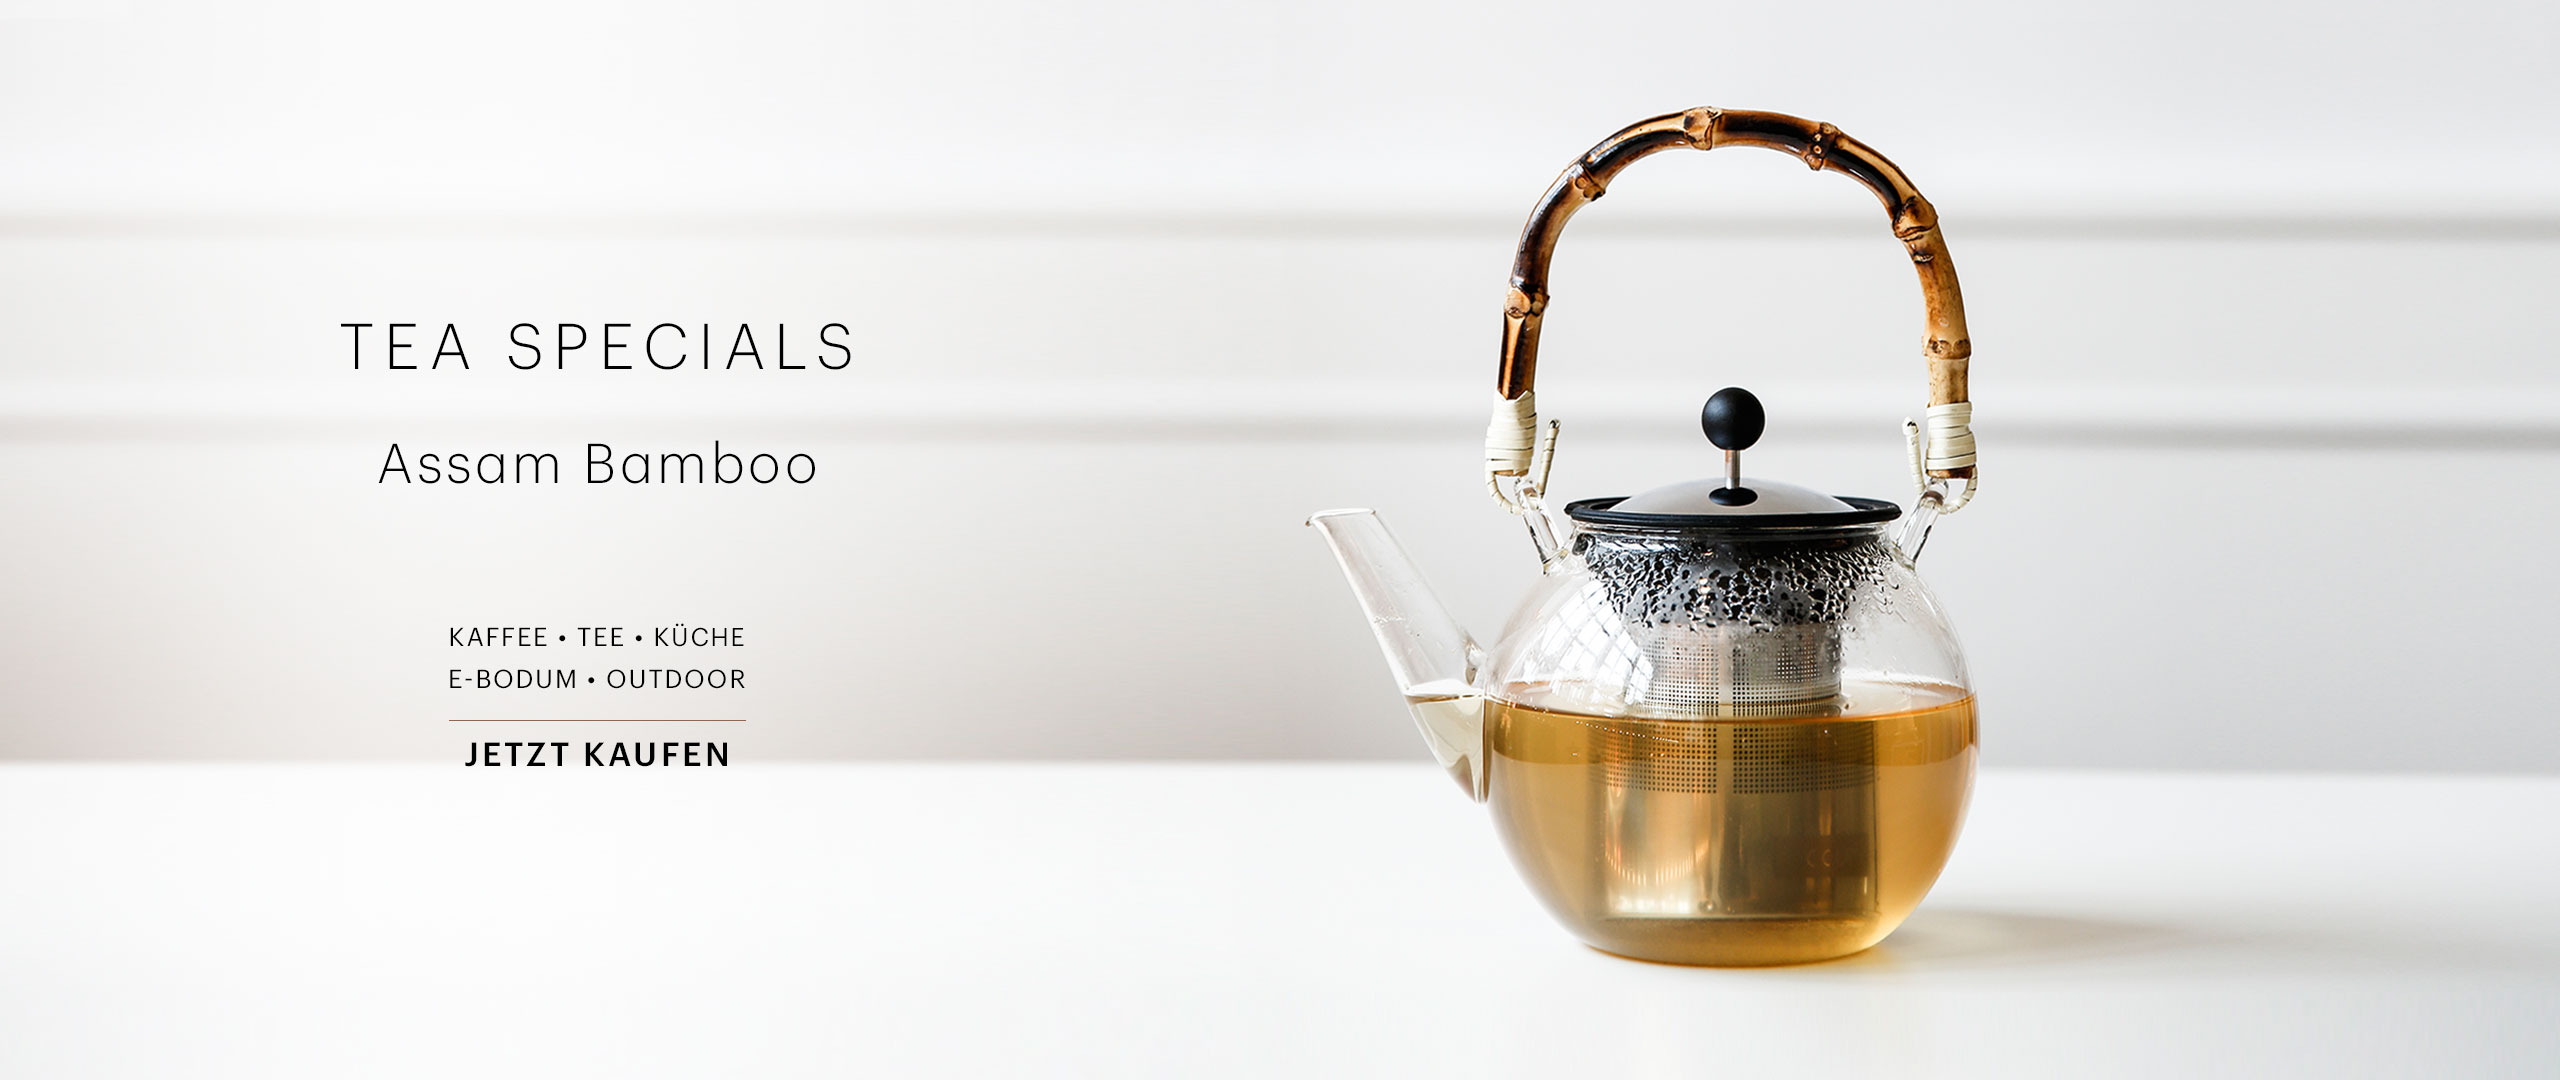 BEU - [DE] - Tea Specials